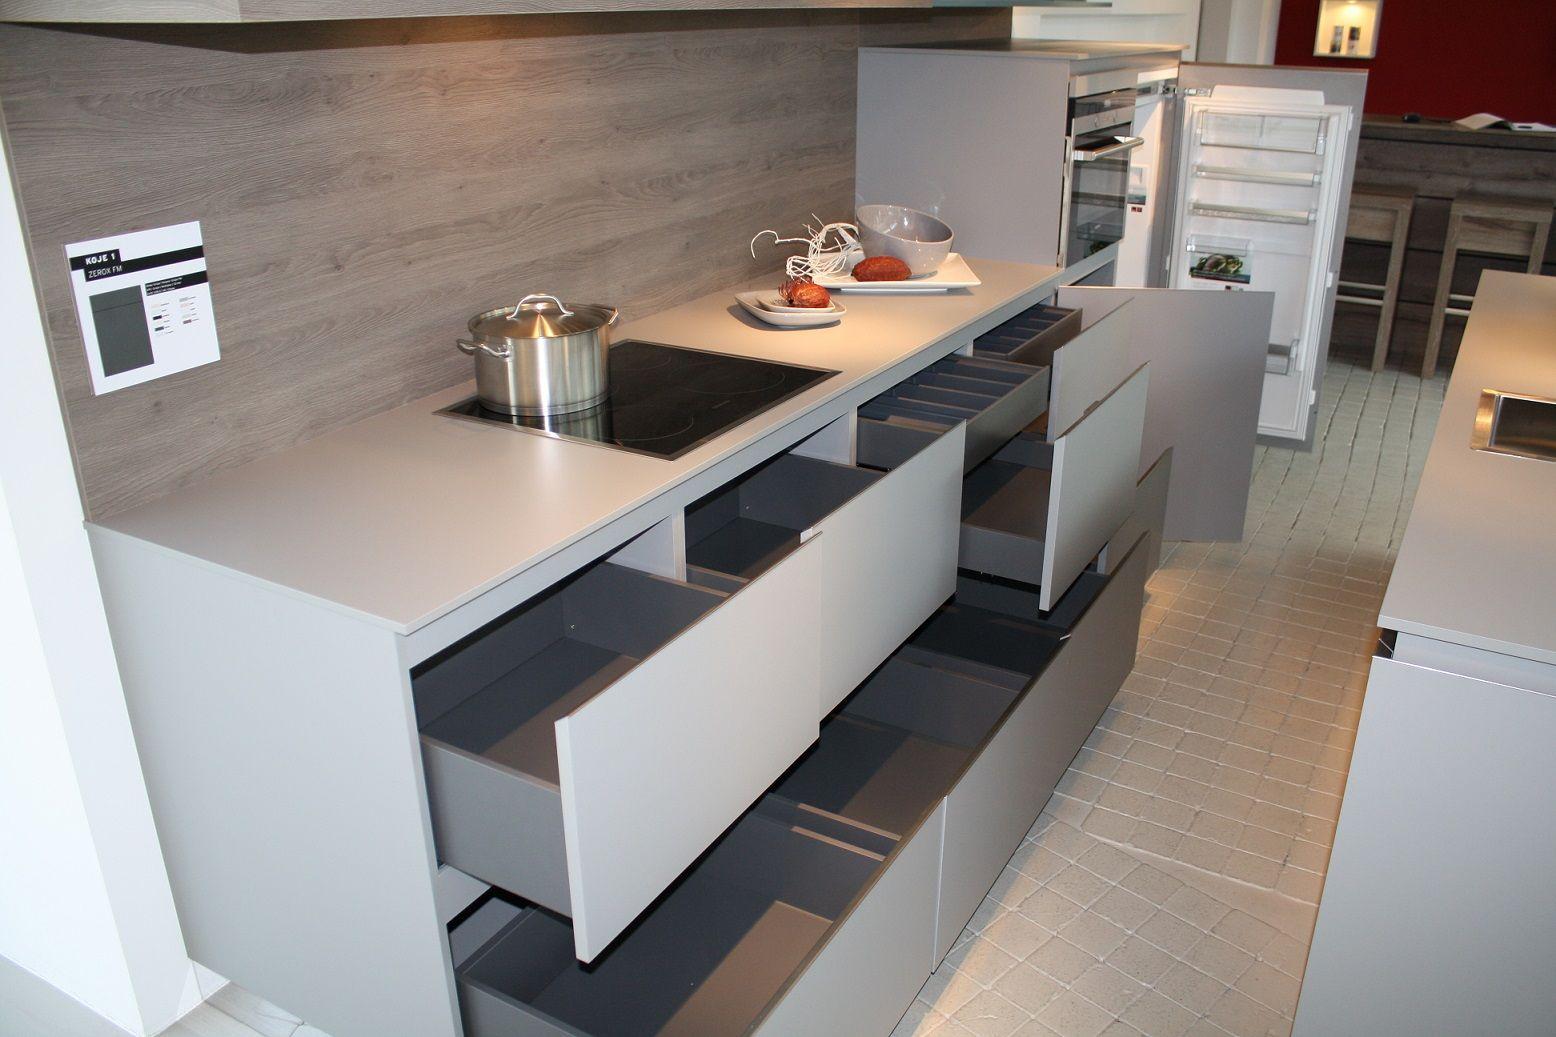 De voordeligste woonwinkel van nederland moderne eiland keuken 1 5 51019 - Afbeelding moderne keuken ...